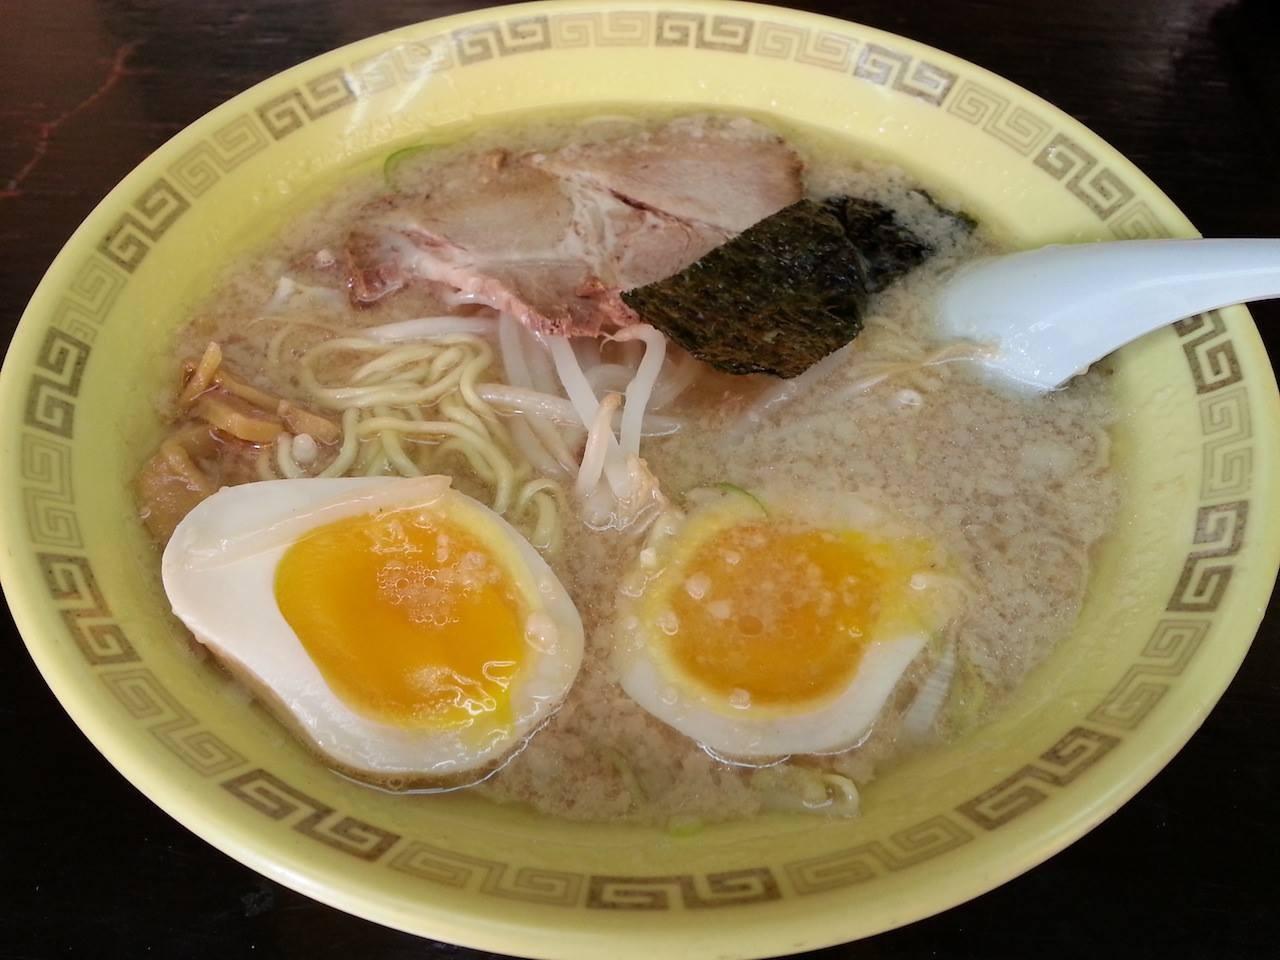 中華そばひびきが臨時休業だったので、江川亭で味付玉子麺。久しぶりにプースーを残す。 【2014年10月25日】